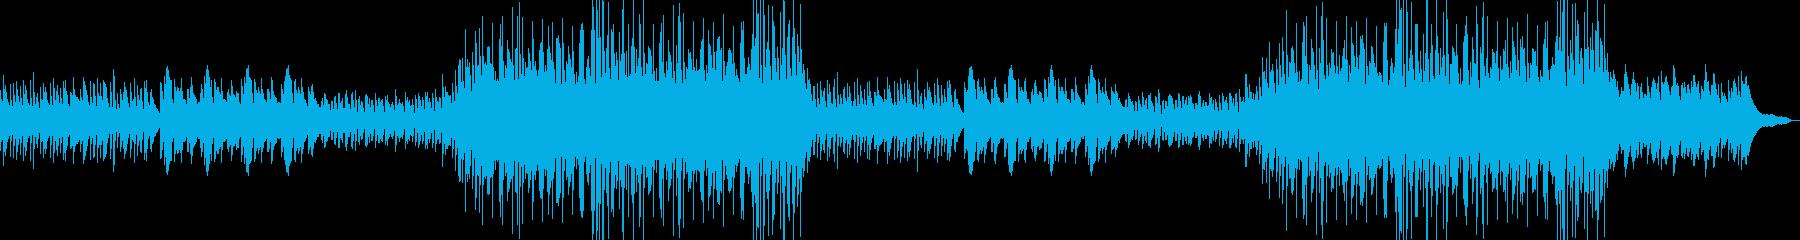 希望・切ない・感動的・バラードの再生済みの波形